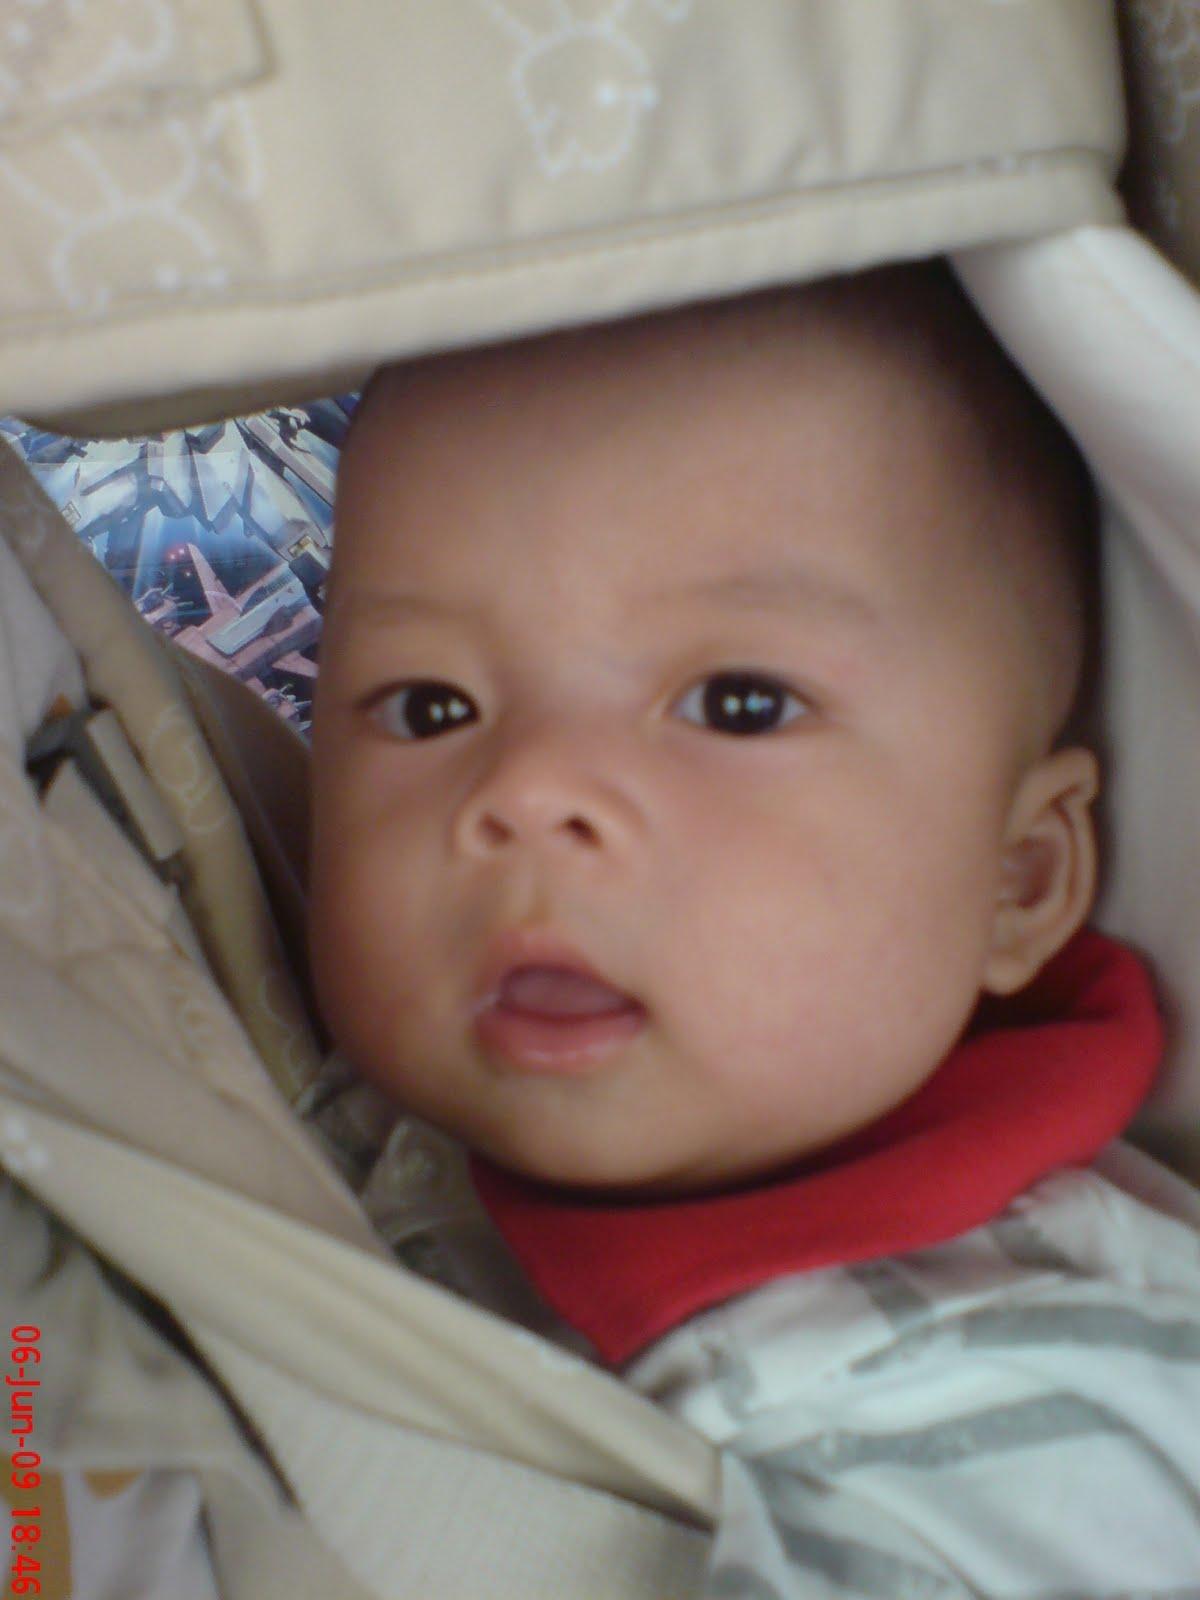 Anas - 5 months (5.9 kg)